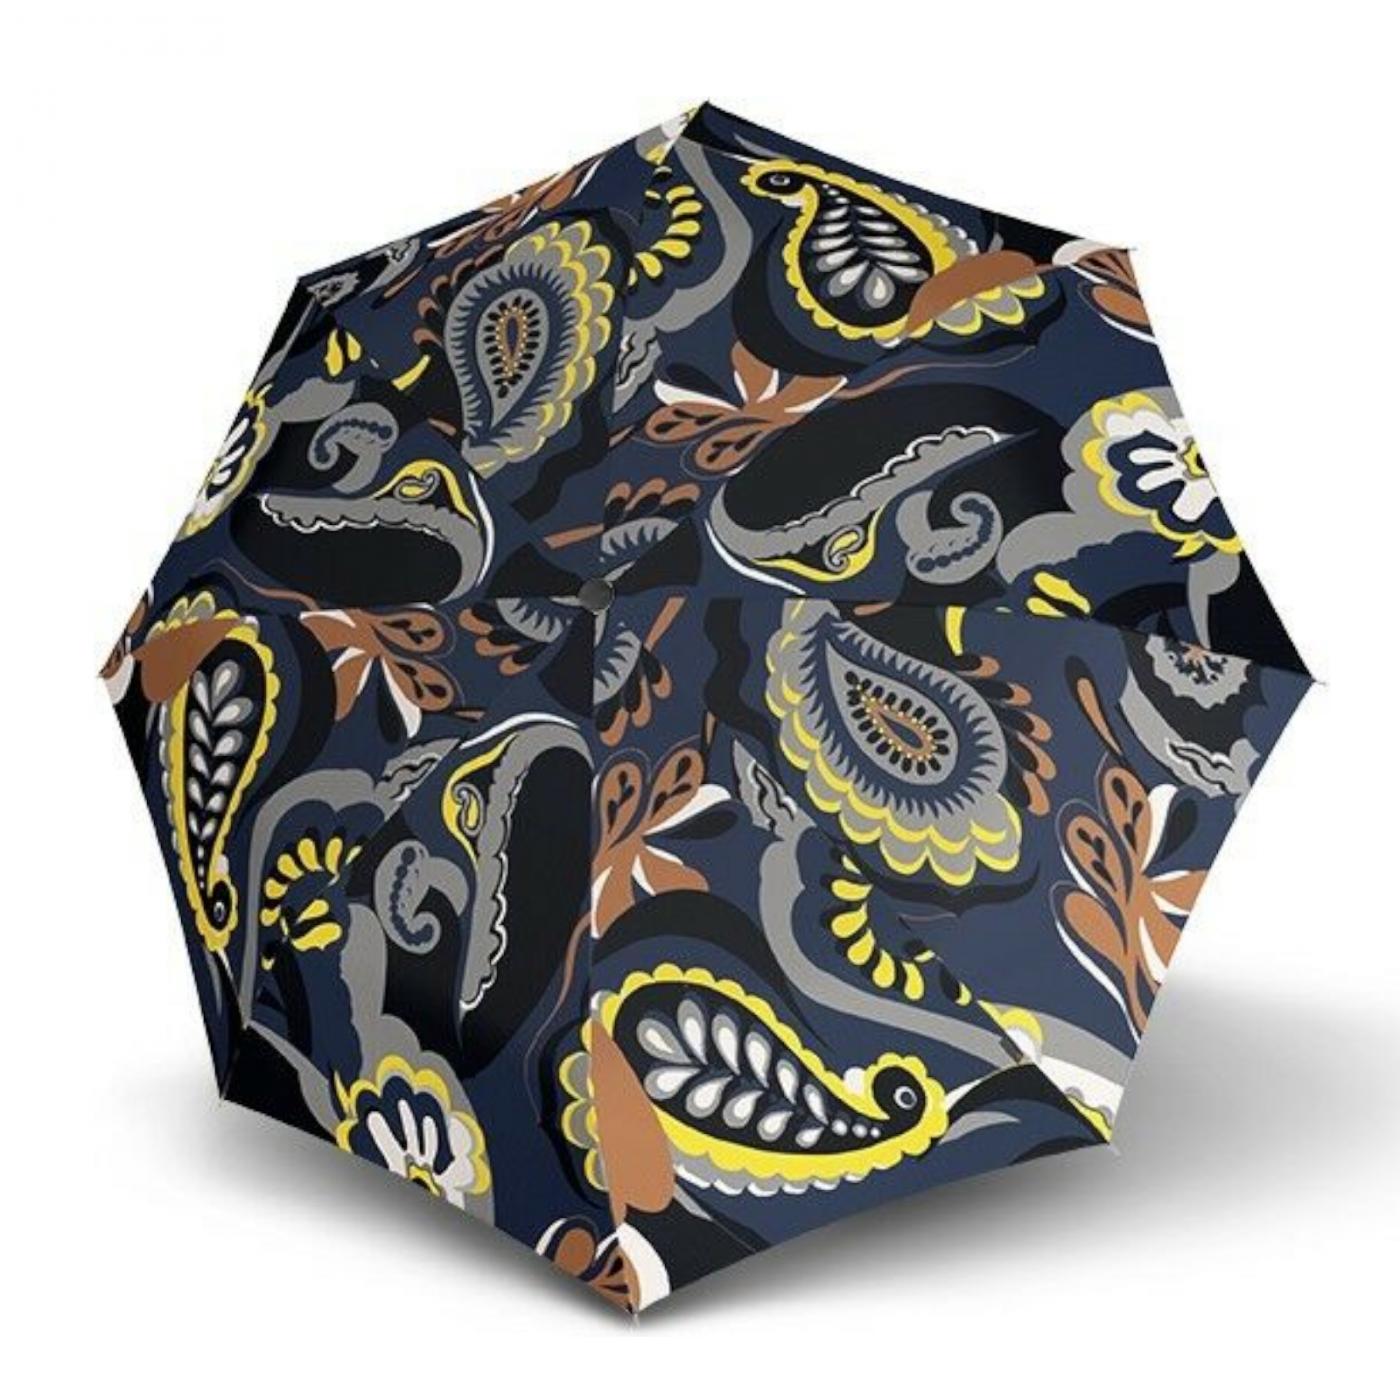 KNIRPS T703 ombrello lungo, manico curvo, antiribaltamento